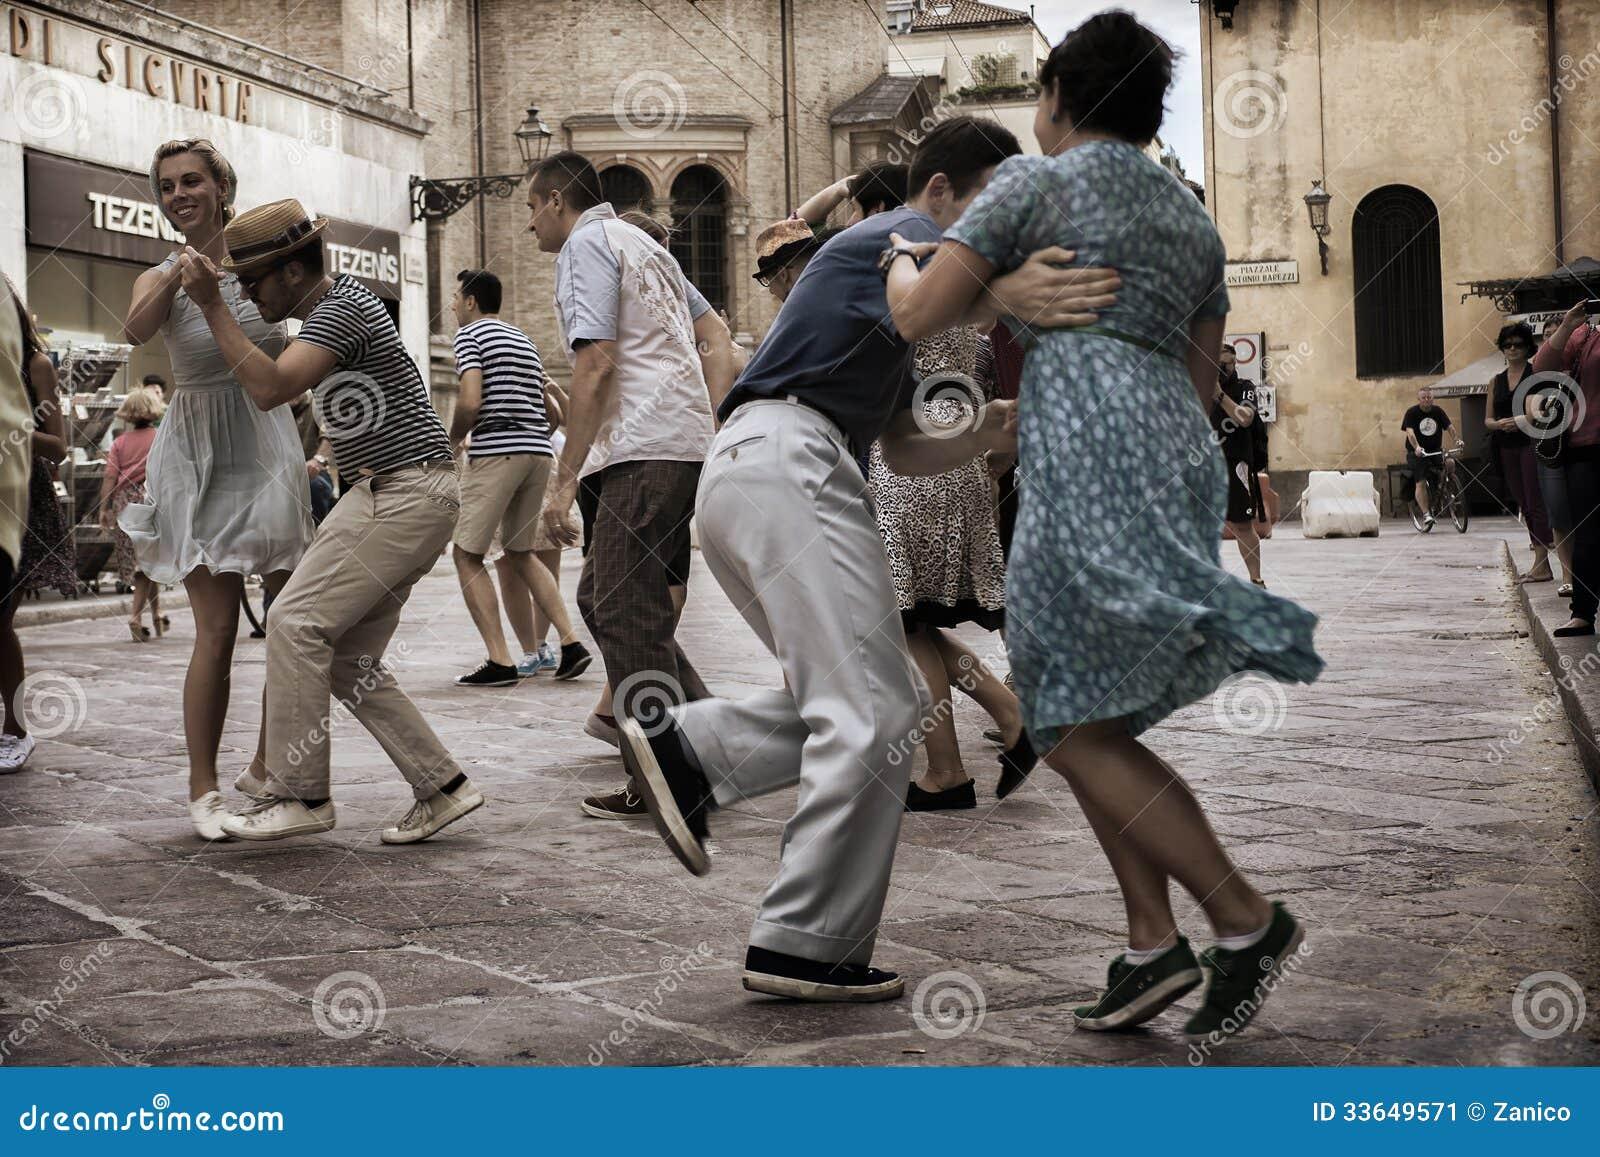 Lindy Hop Flash Mob